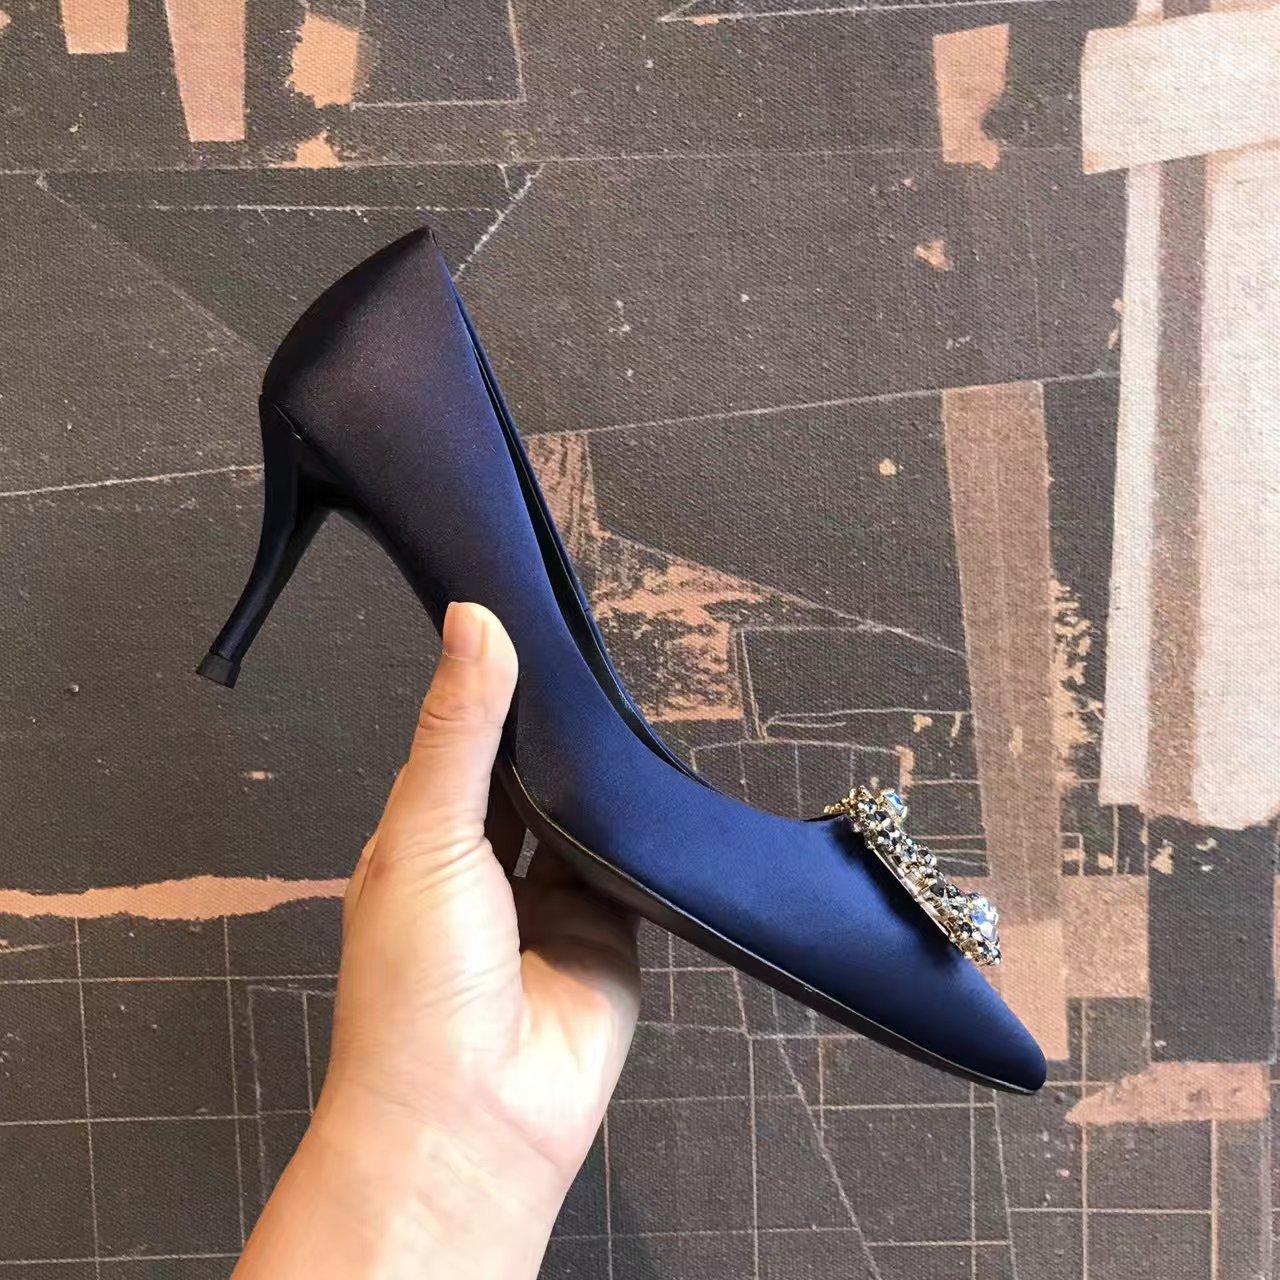 Roger Vivier单鞋 蓝色大海传说同款Vip限量款高跟单鞋